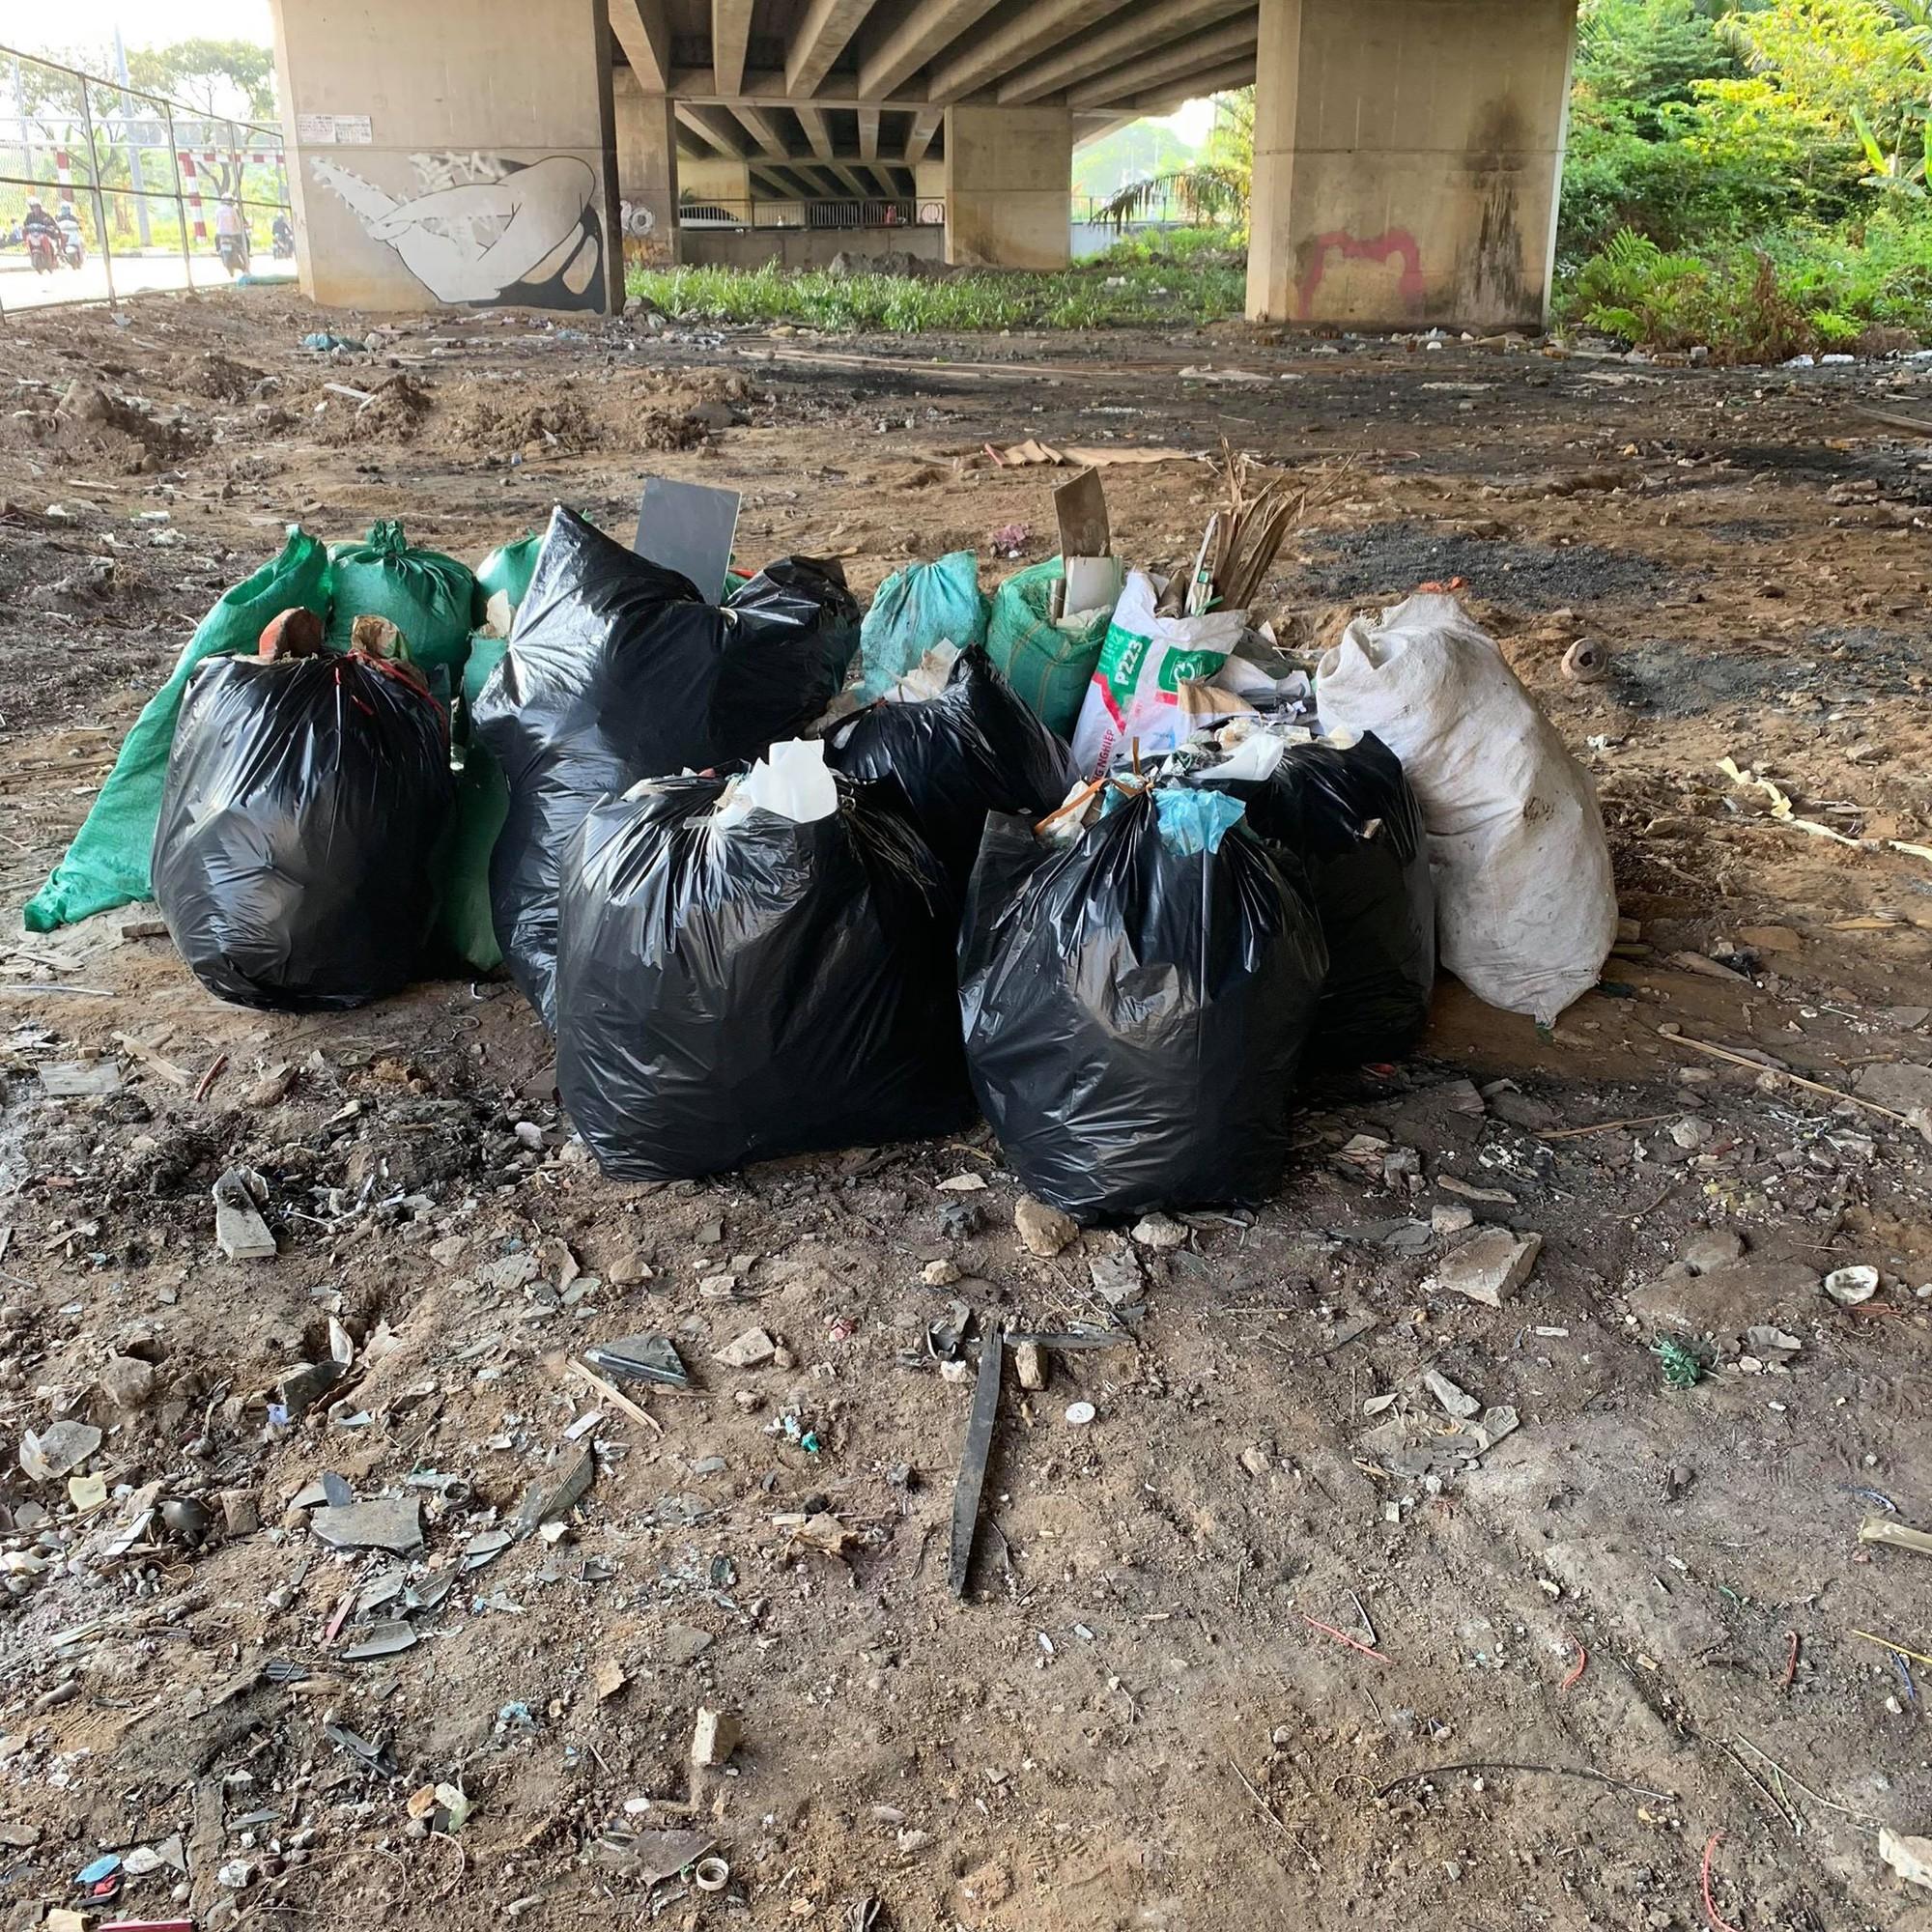 Quán quân Next Top Hương Ly tham gia thử thách dọn rác dưới chân cầu Phú Mỹ: Gia đình, bạn bè nói mình khùng và lì - Ảnh 7.